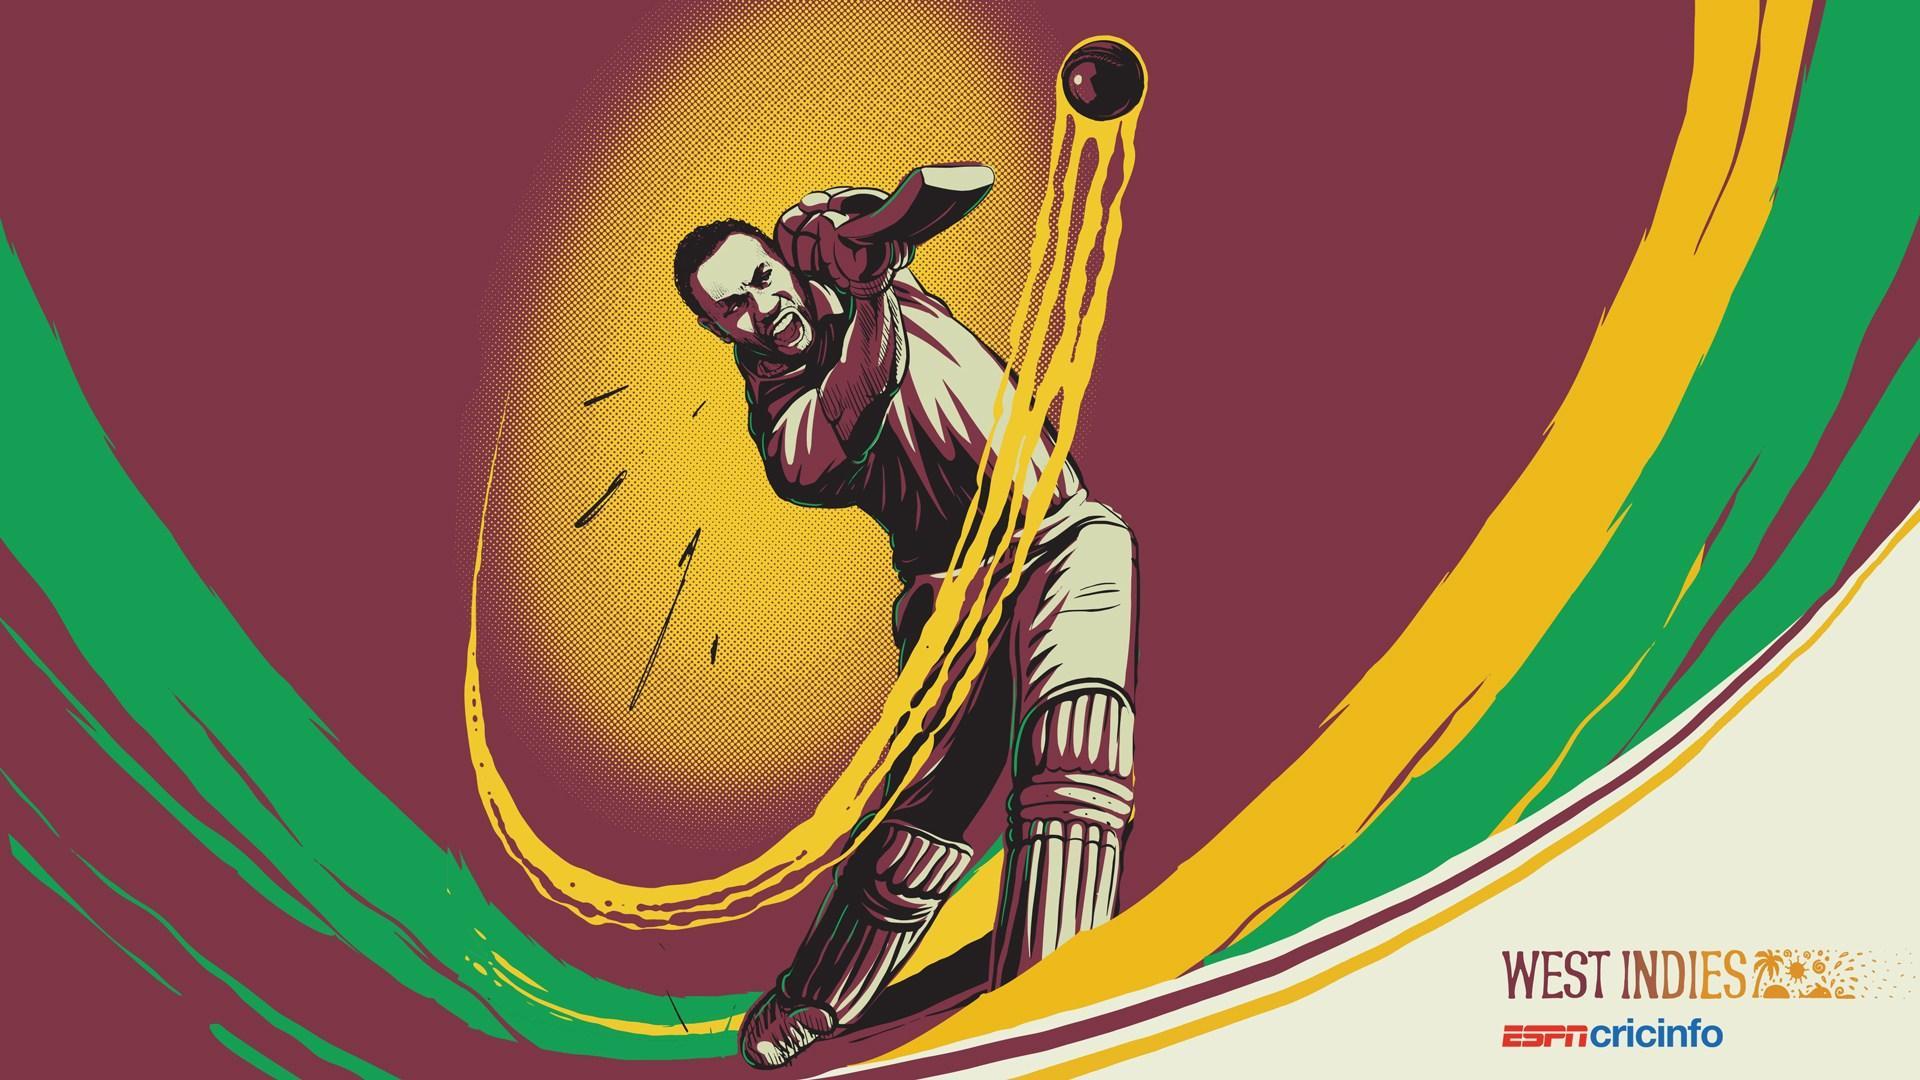 West Indies Cricket Team Teams Background 3